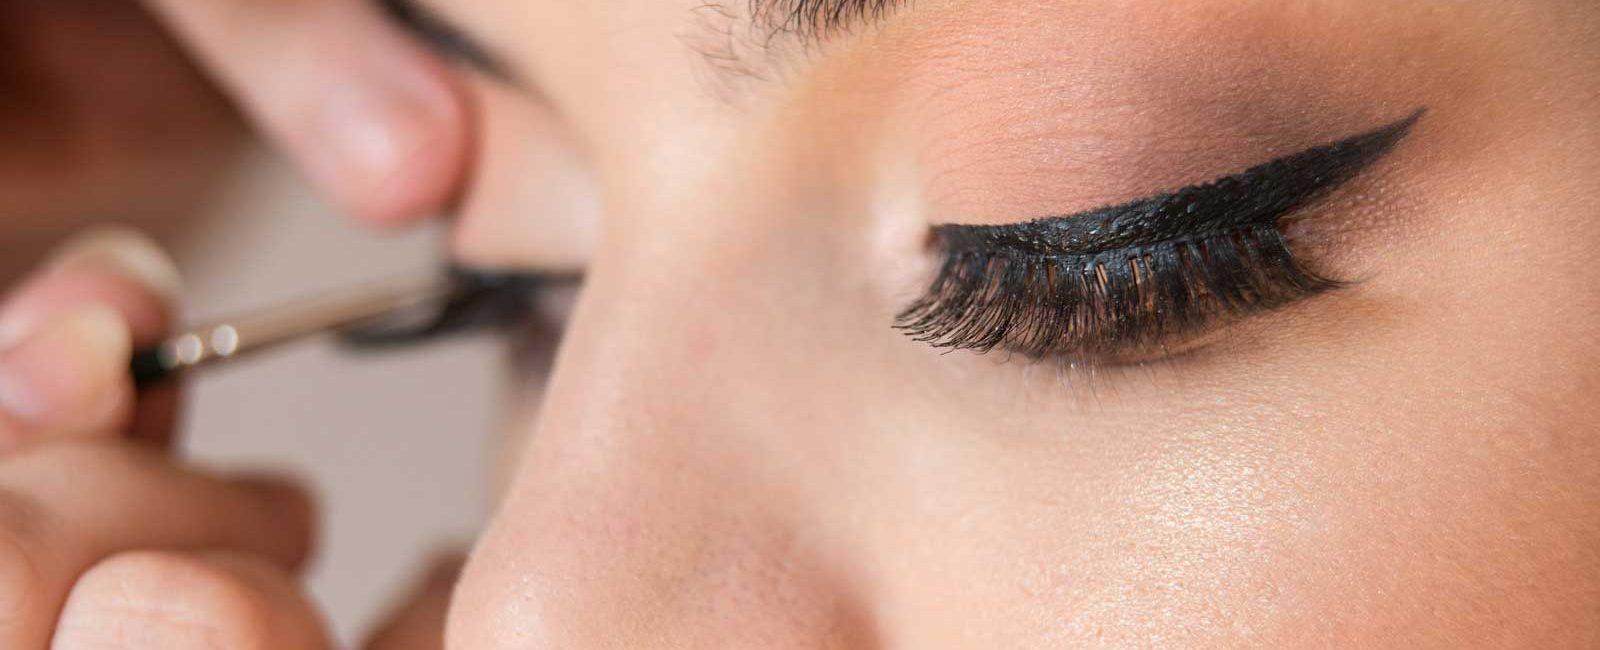 Wear Fake Eyelashes